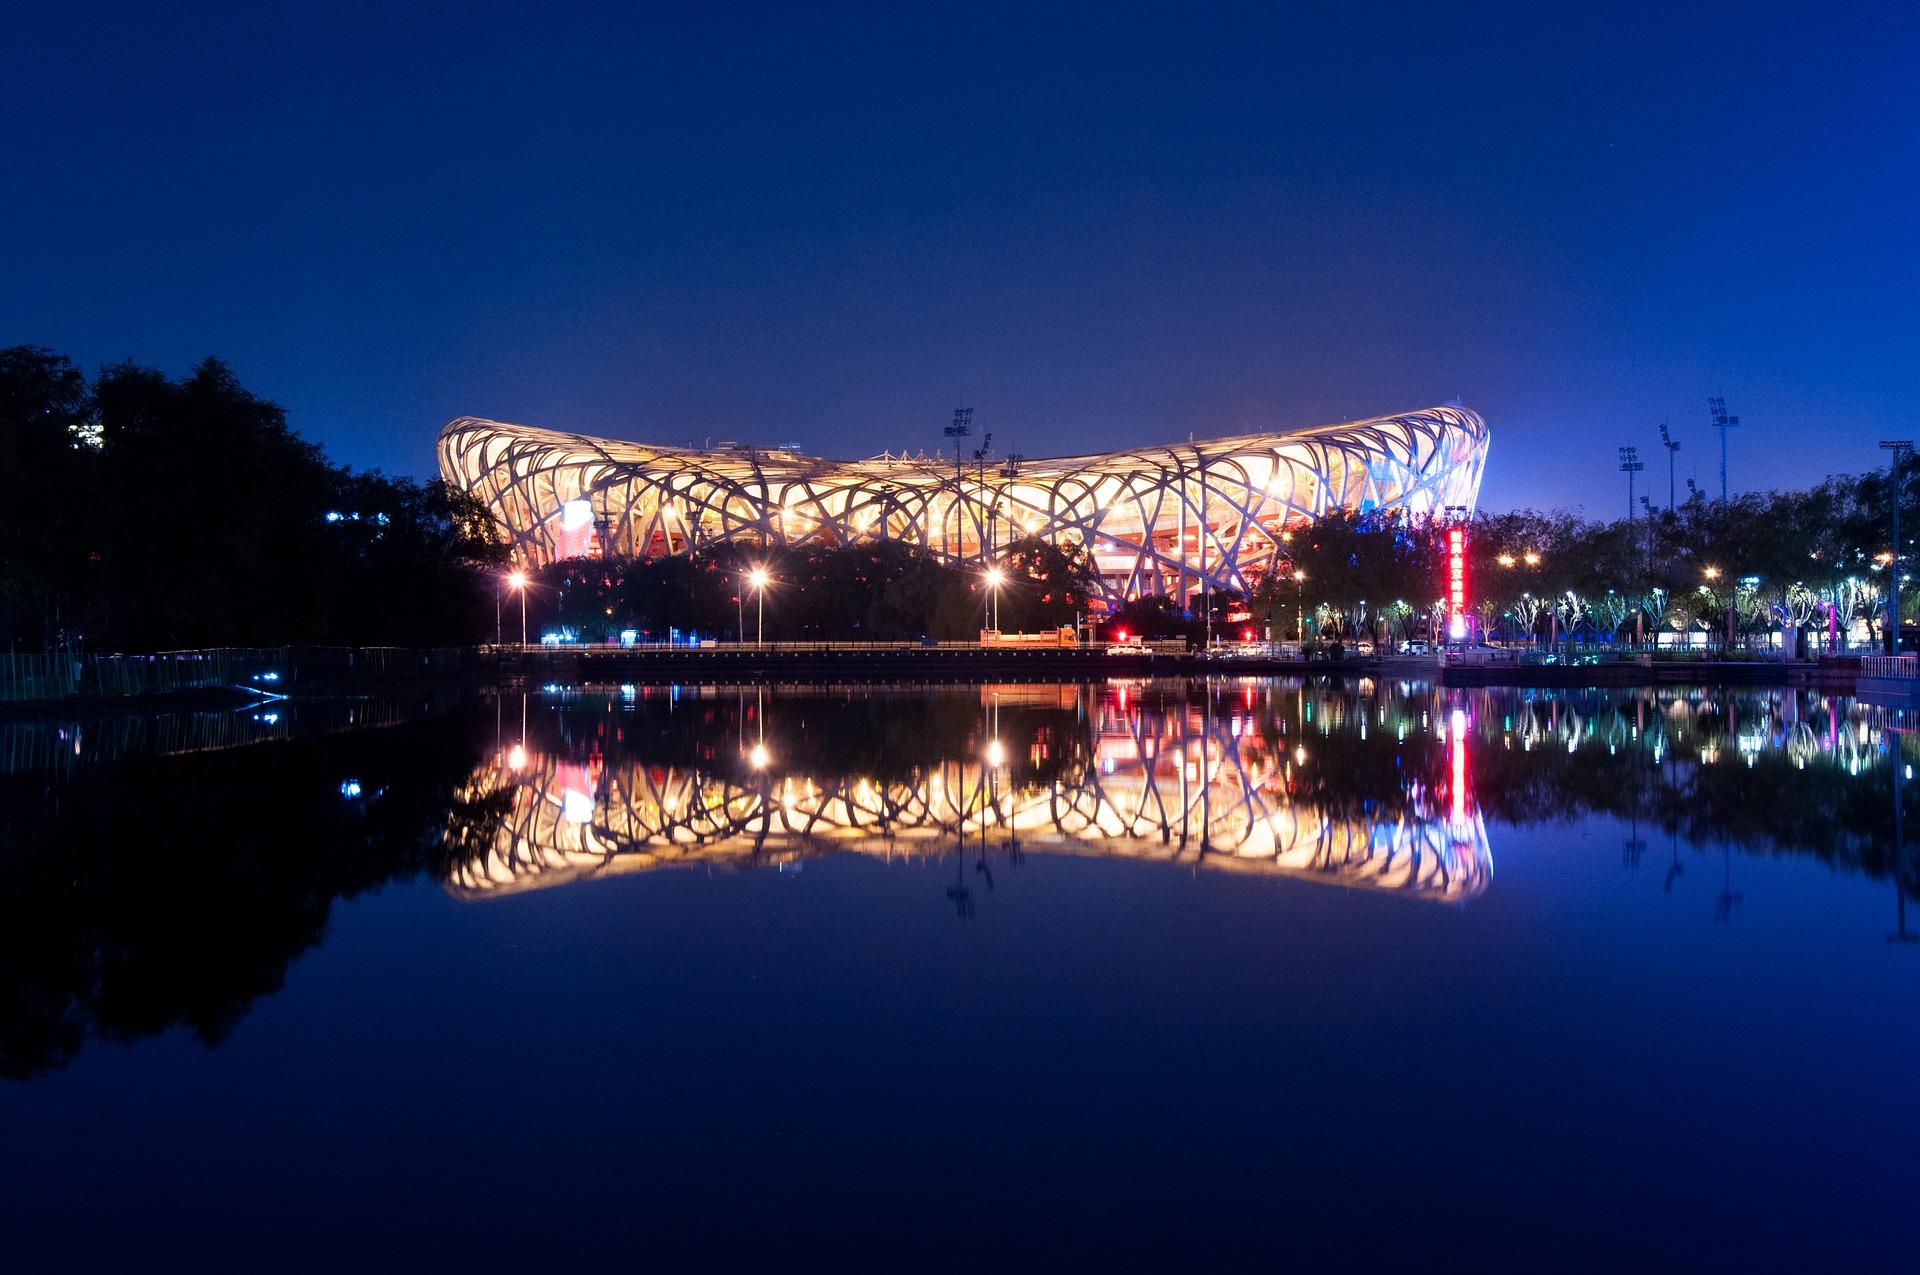 The Bird's Nest Stadium in Beijing, China at night